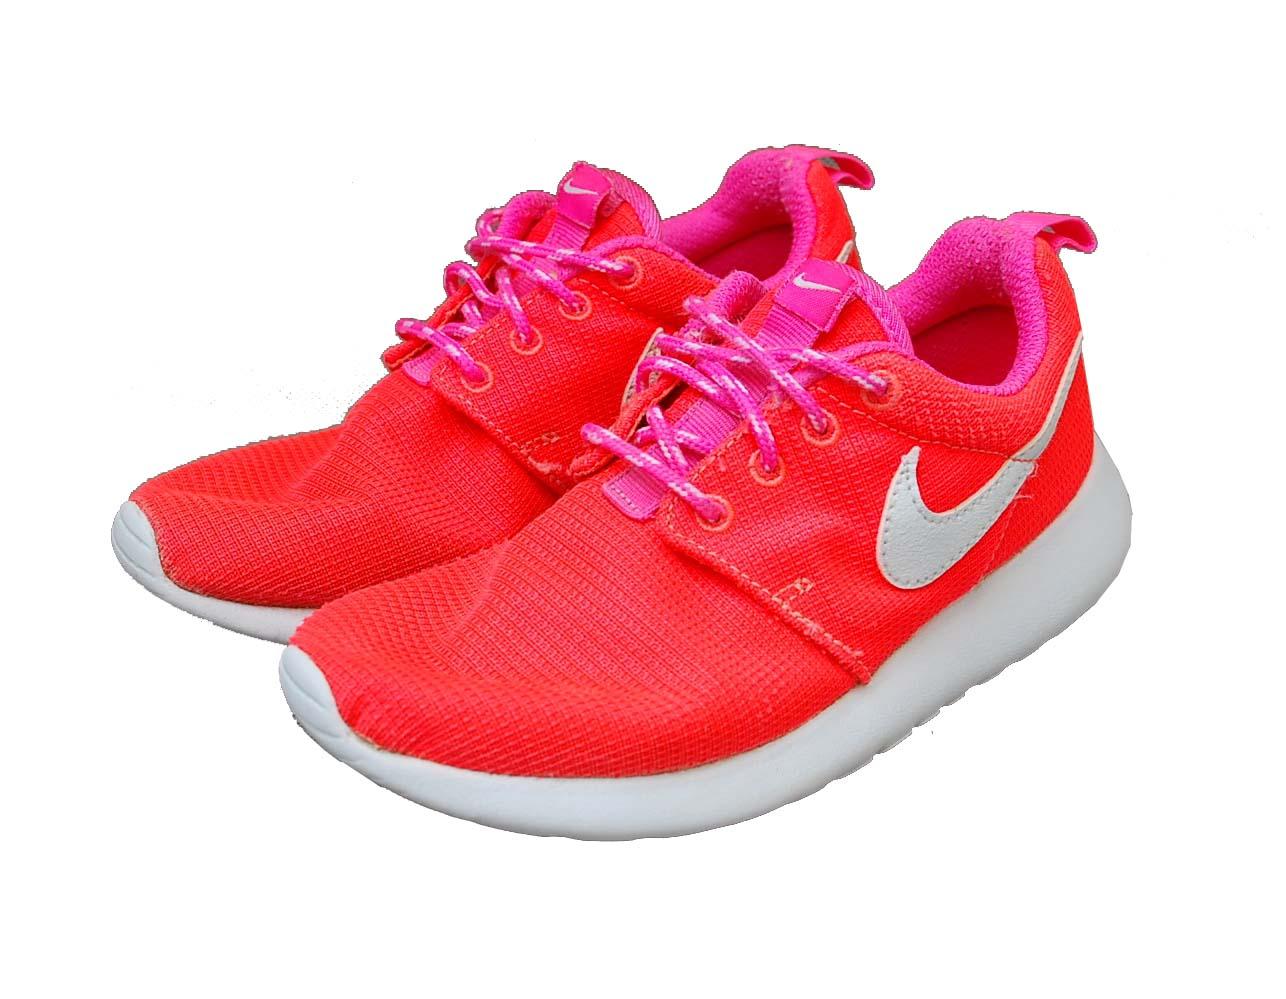 863bc6e5 Modne Okazja Roshe 7265627364 Roz 34 Oryginalne Run Buty Nike BPgWaAnq